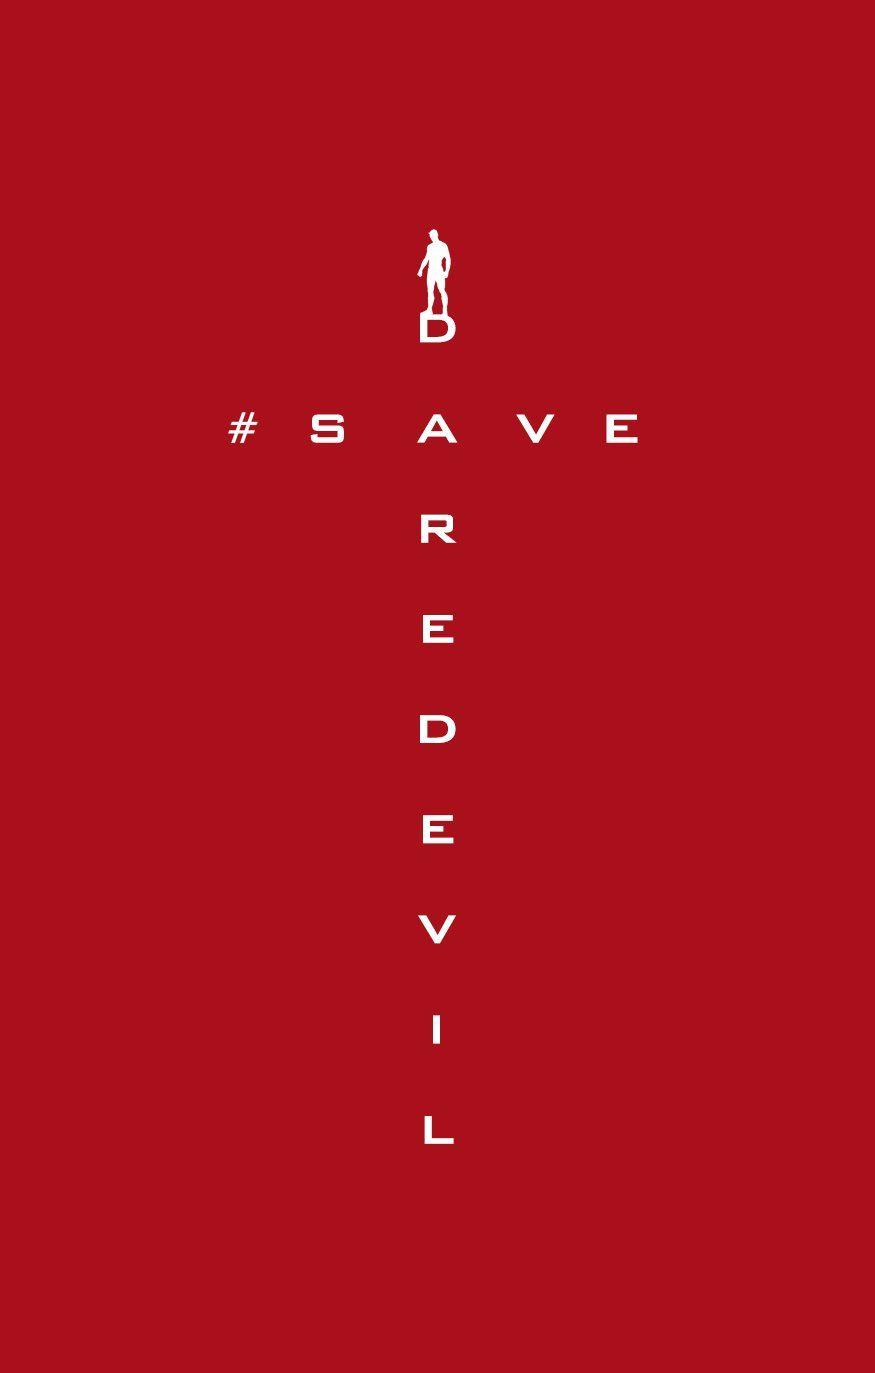 #SaveDaredevil 'SalveDemolidor' no Twitter se reagrupa enquanto a Disney recupera os direitos da Netflix 2